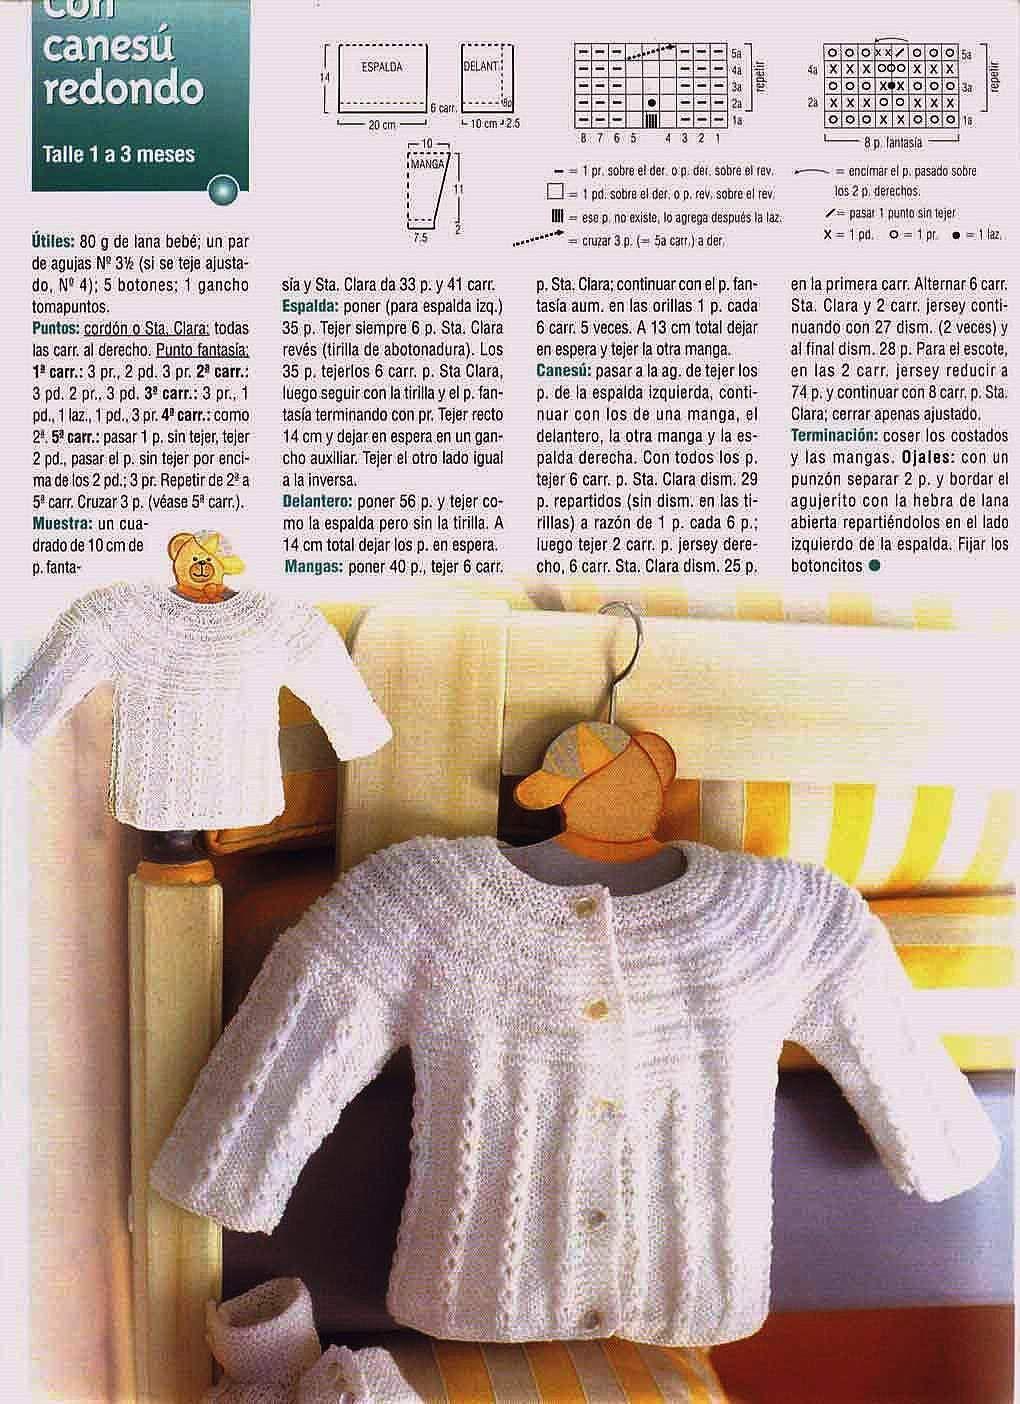 Mil cosas en el Baúl: Saquito para Bebé con Canesú Redondo a dos ...